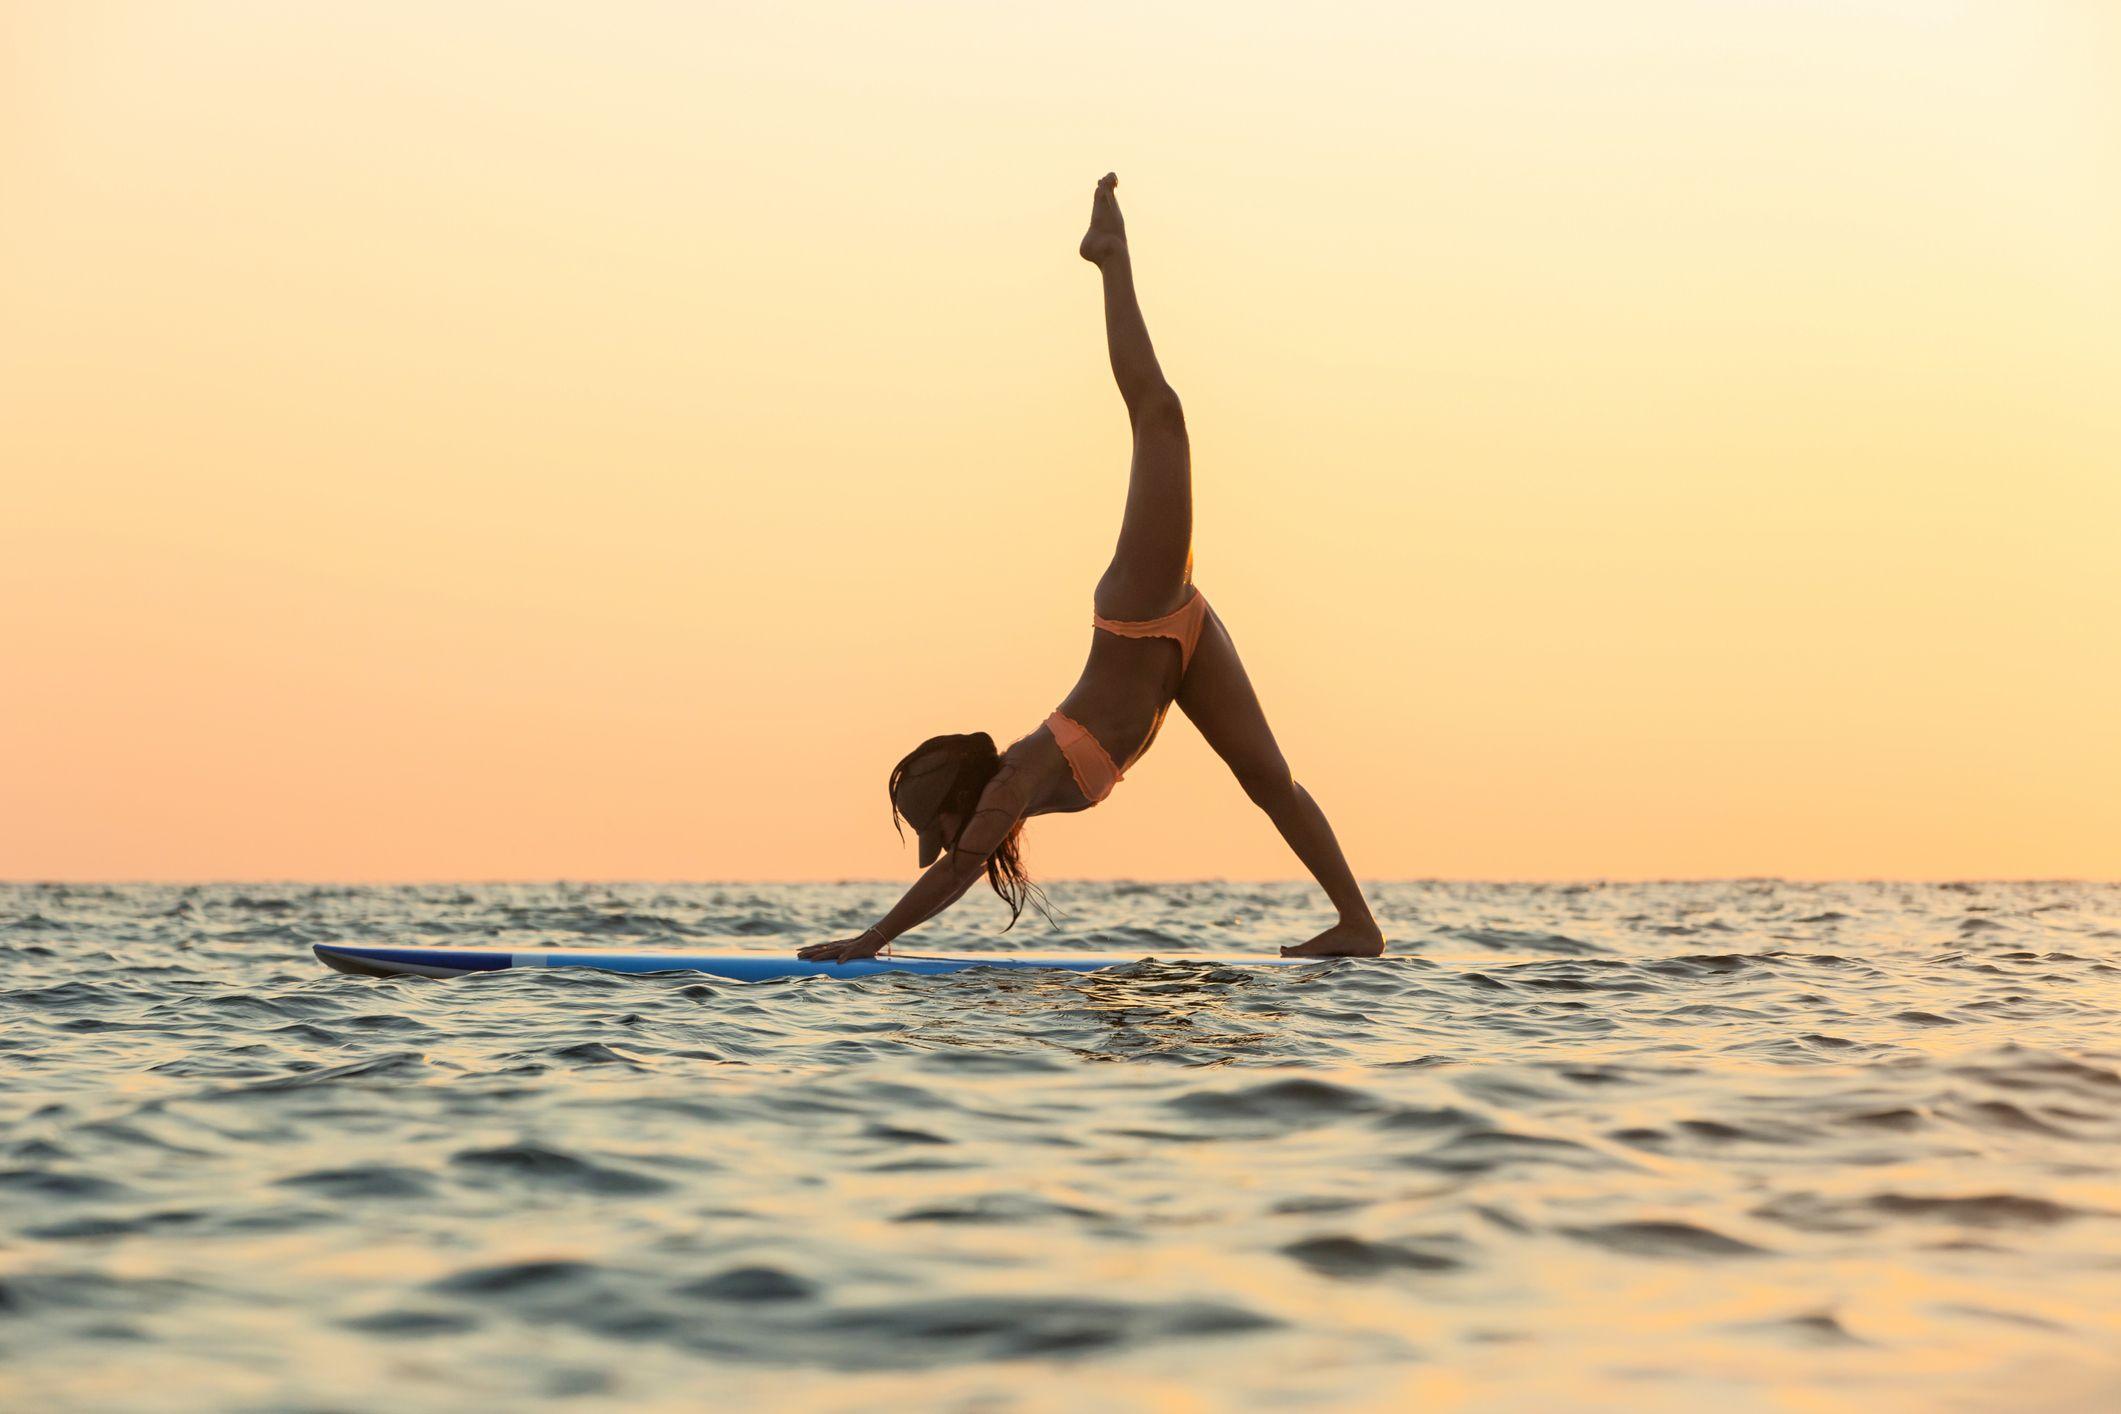 Todo sobre el SUP Yoga: ¿qué es y qué beneficios tiene?